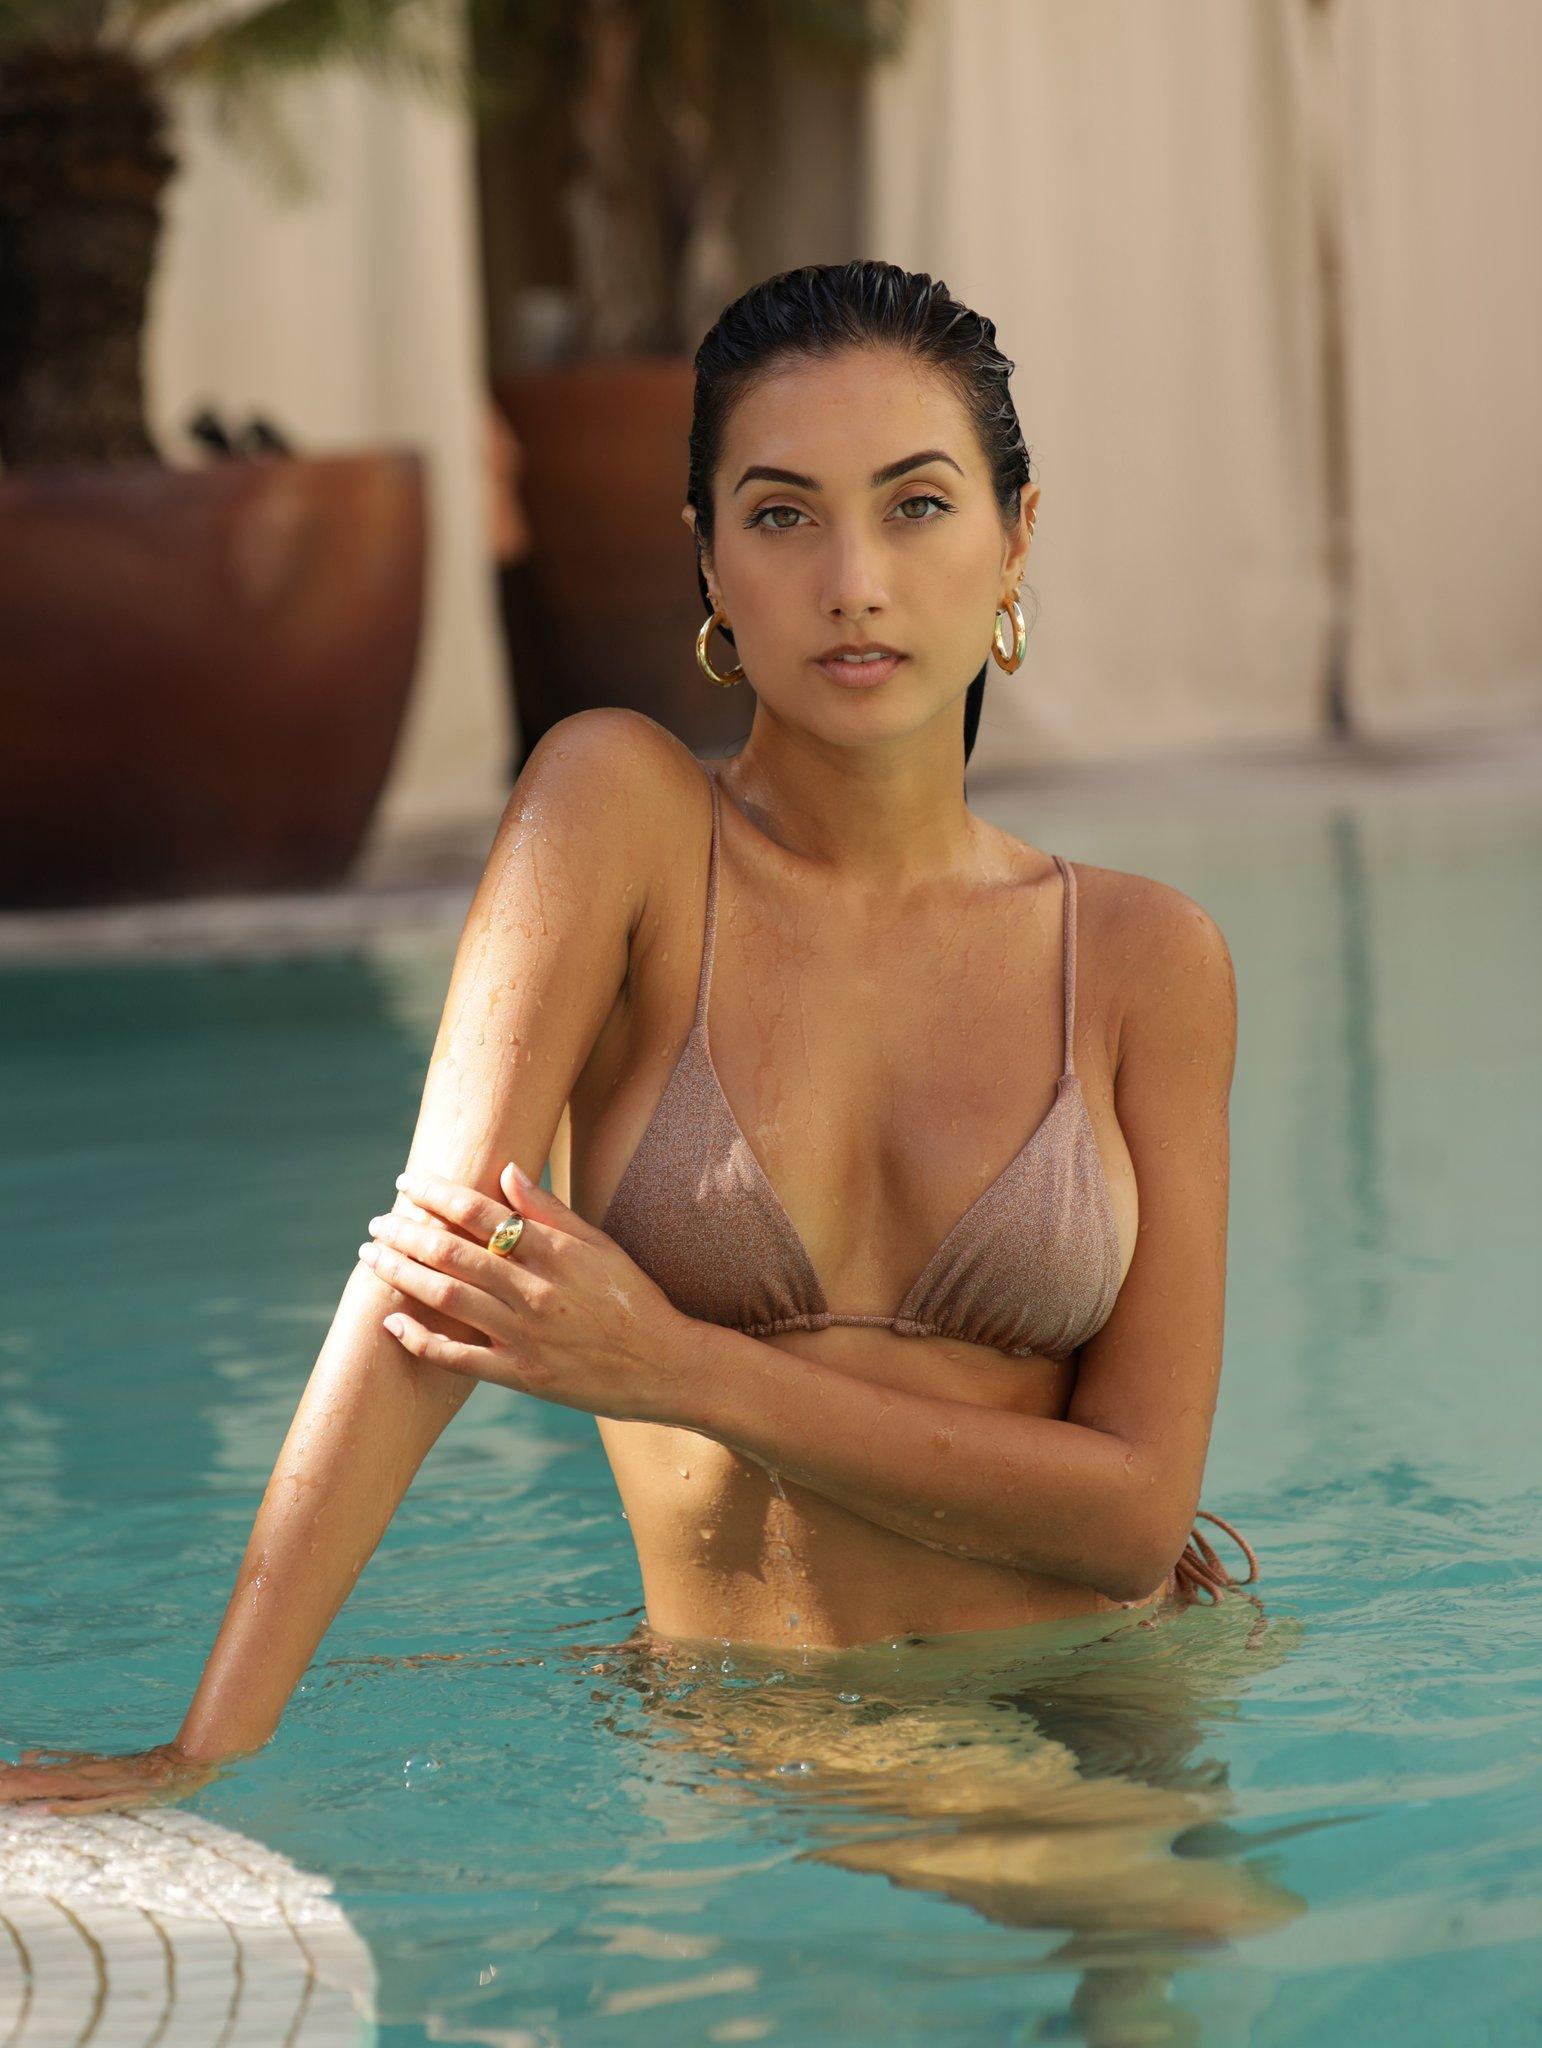 A woman in a pool wearing a bikini